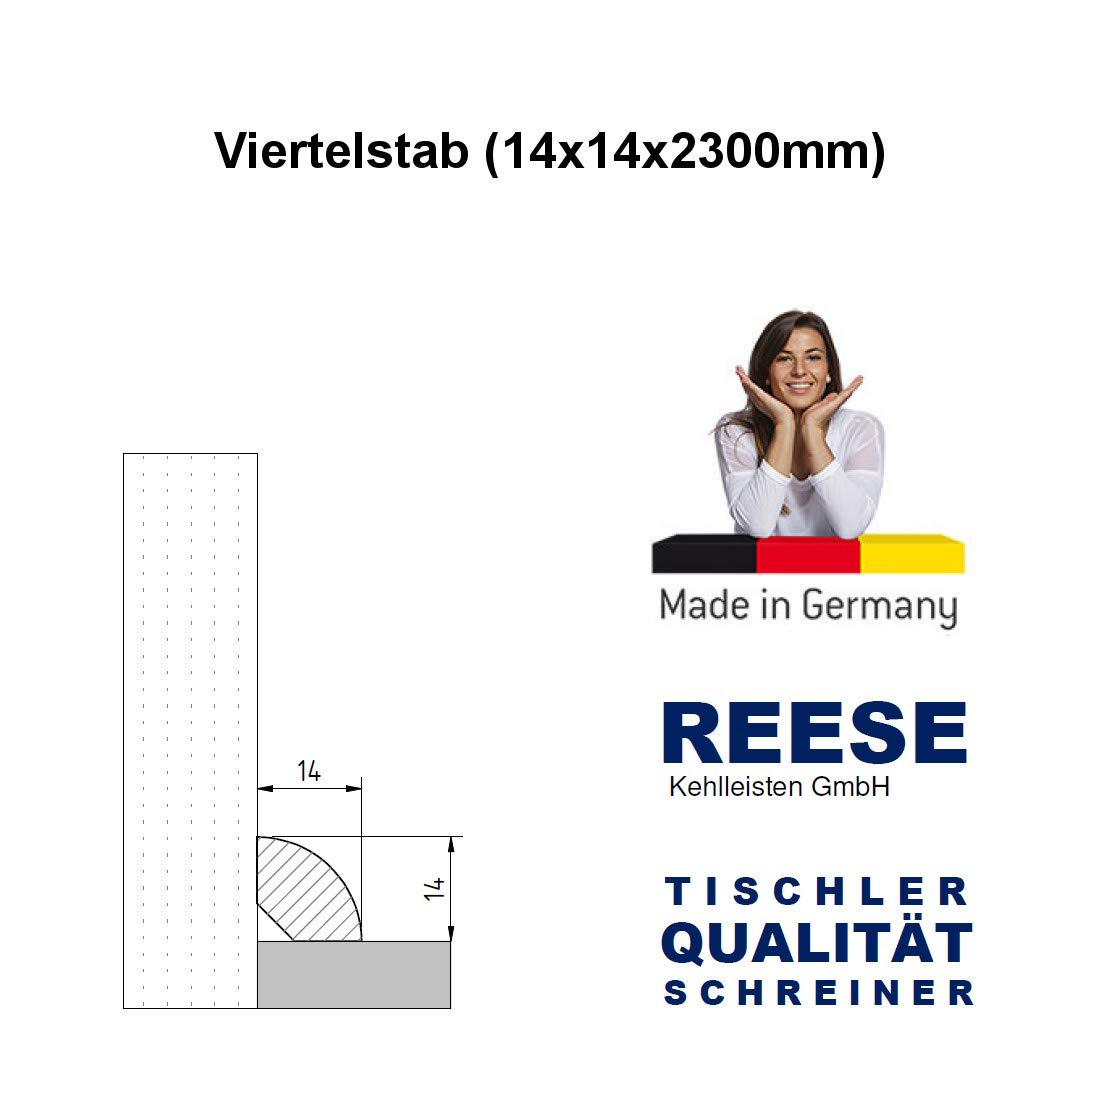 Massiv 14mm Viertelstab Abdeckleiste Abschlussleiste Sockelleiste Fichte ROH